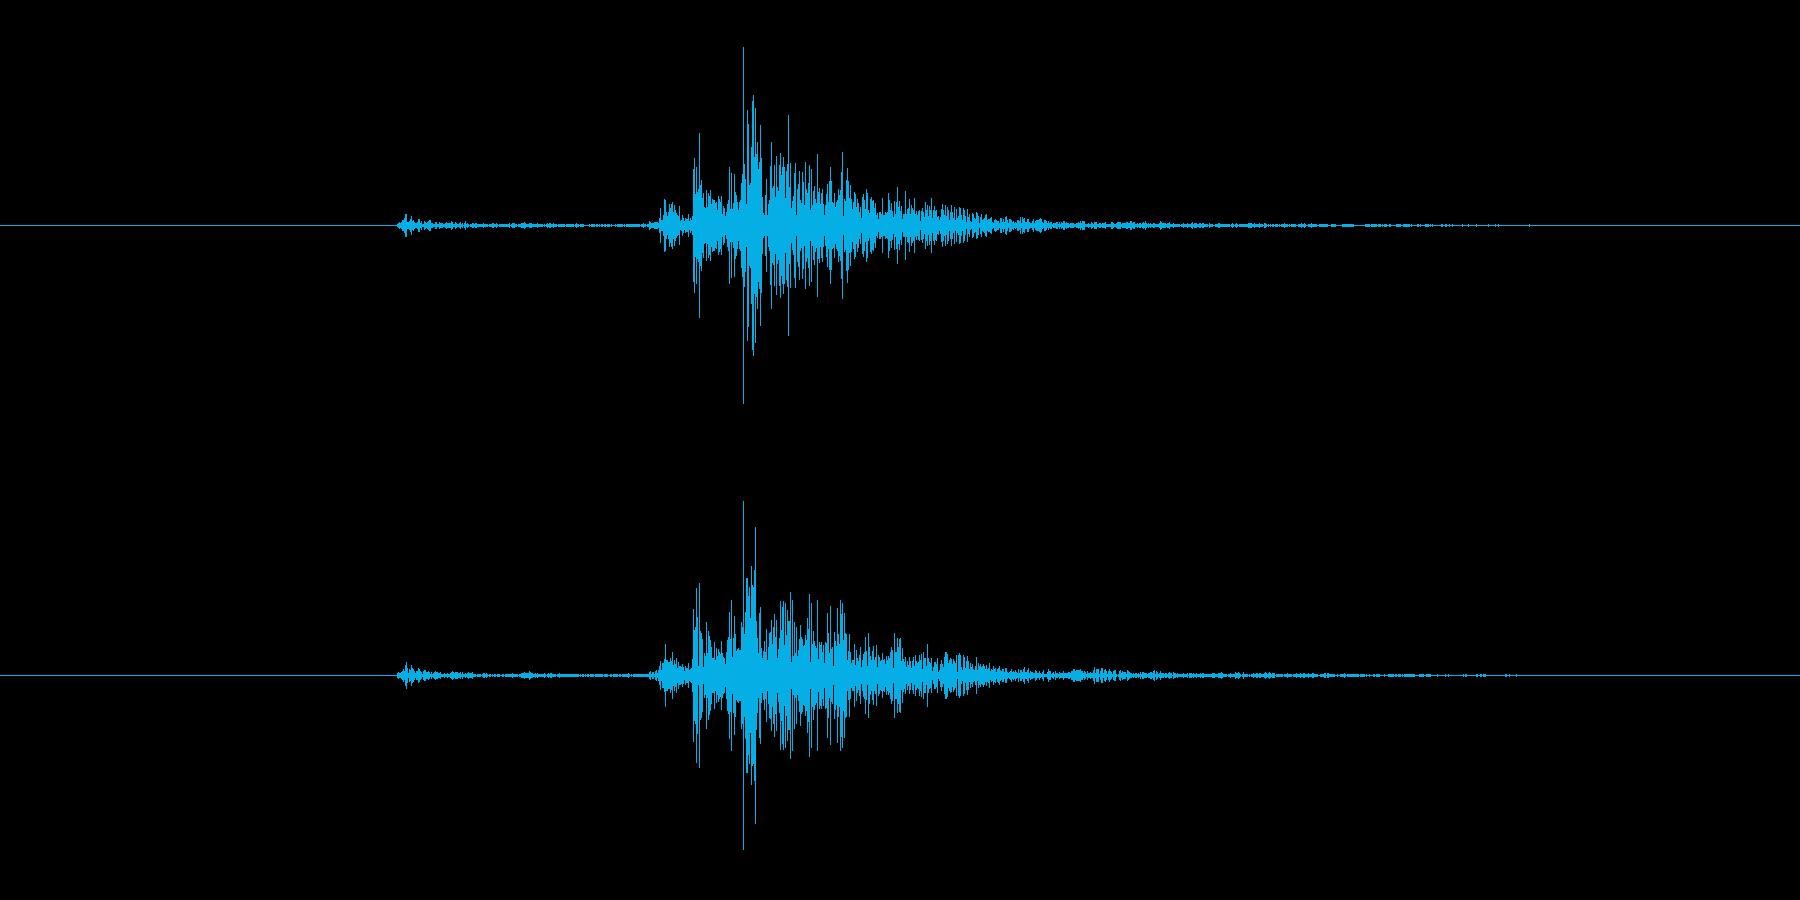 カセットテープを振った時の音 短めの再生済みの波形